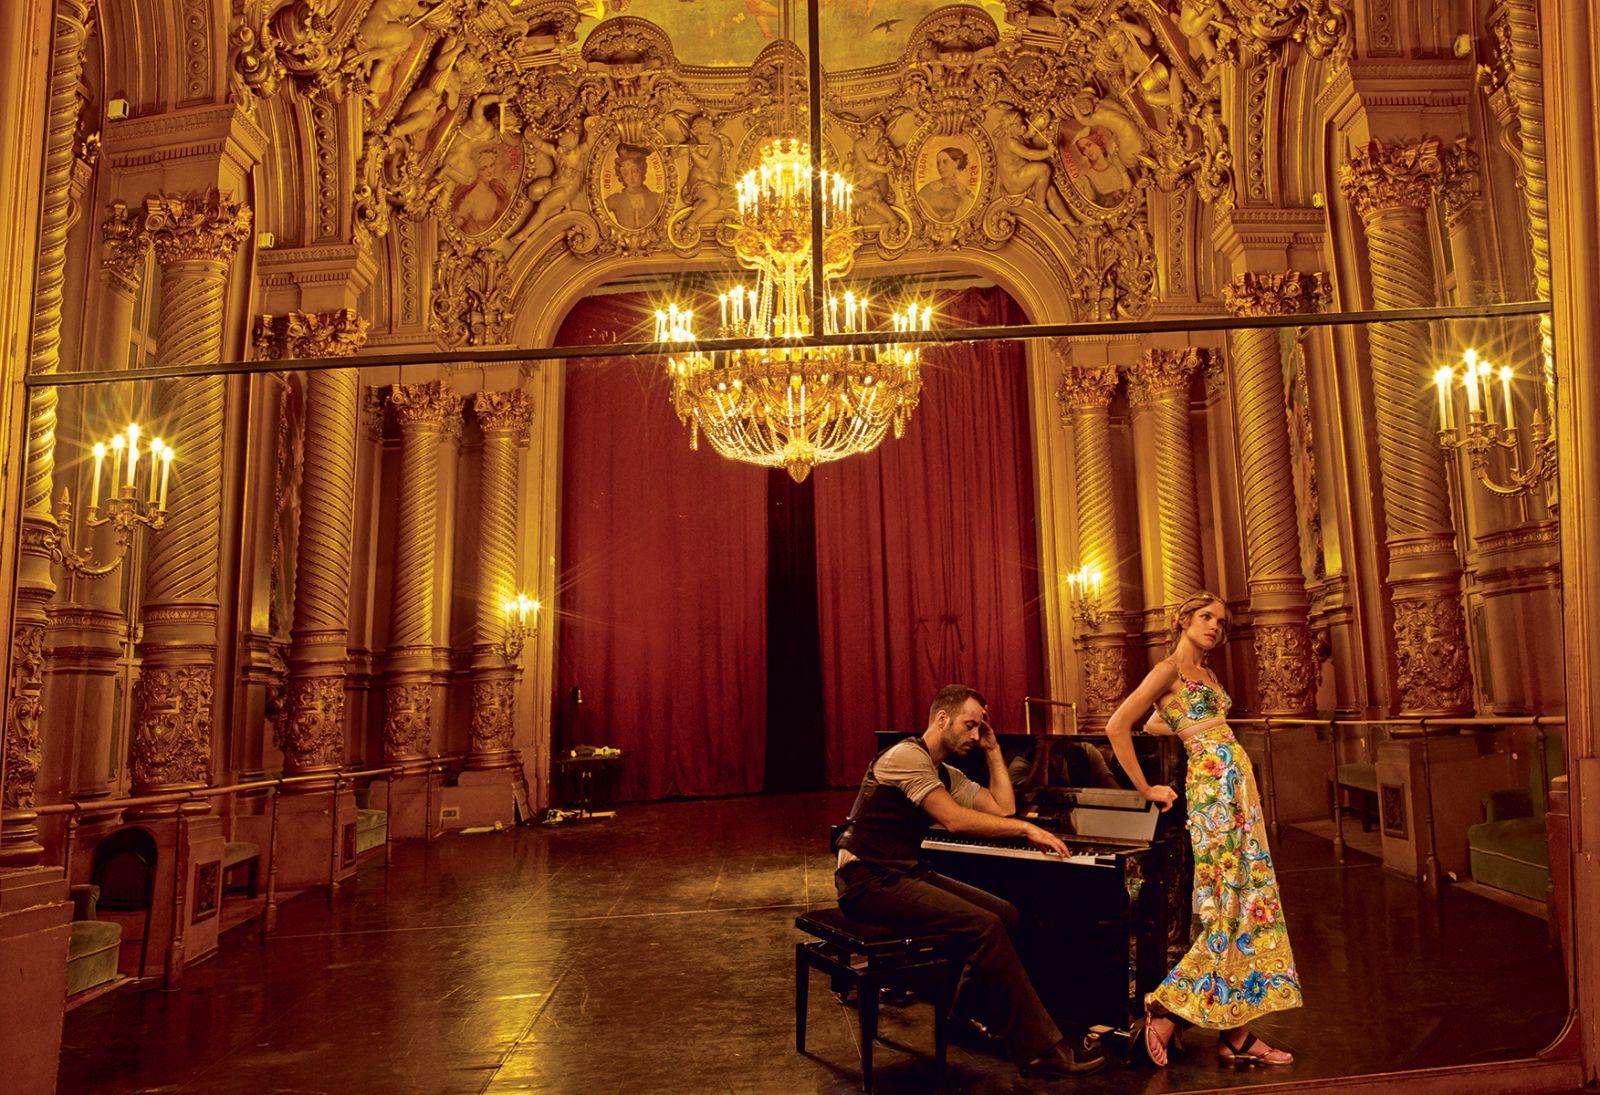 Девушка из Большого театра: Наталья Водянова в образе балерины